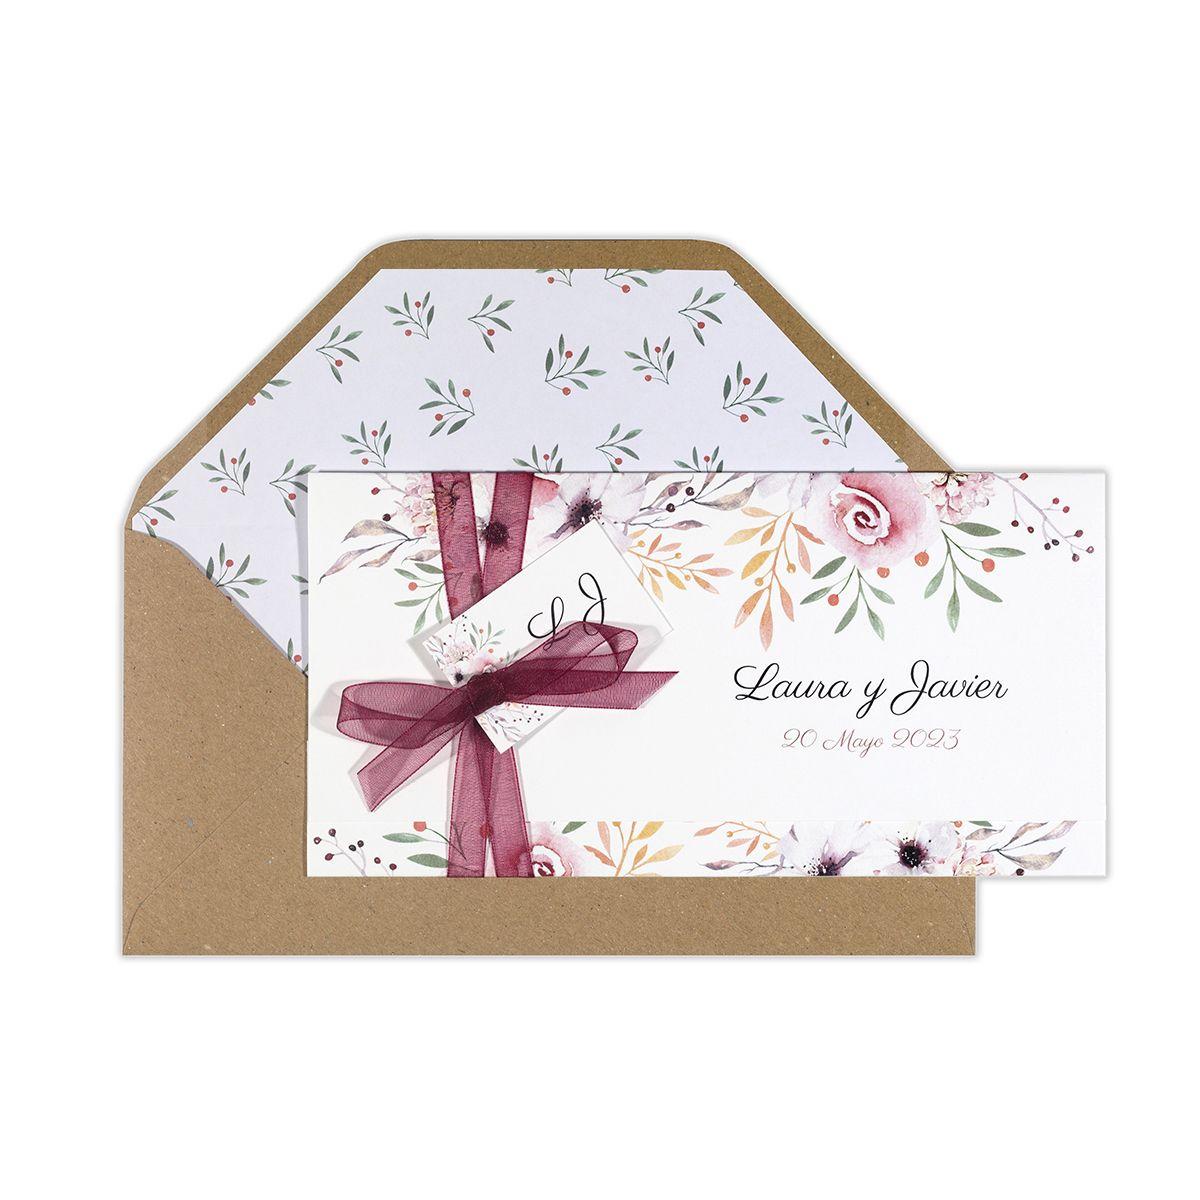 Invitación boda Winona